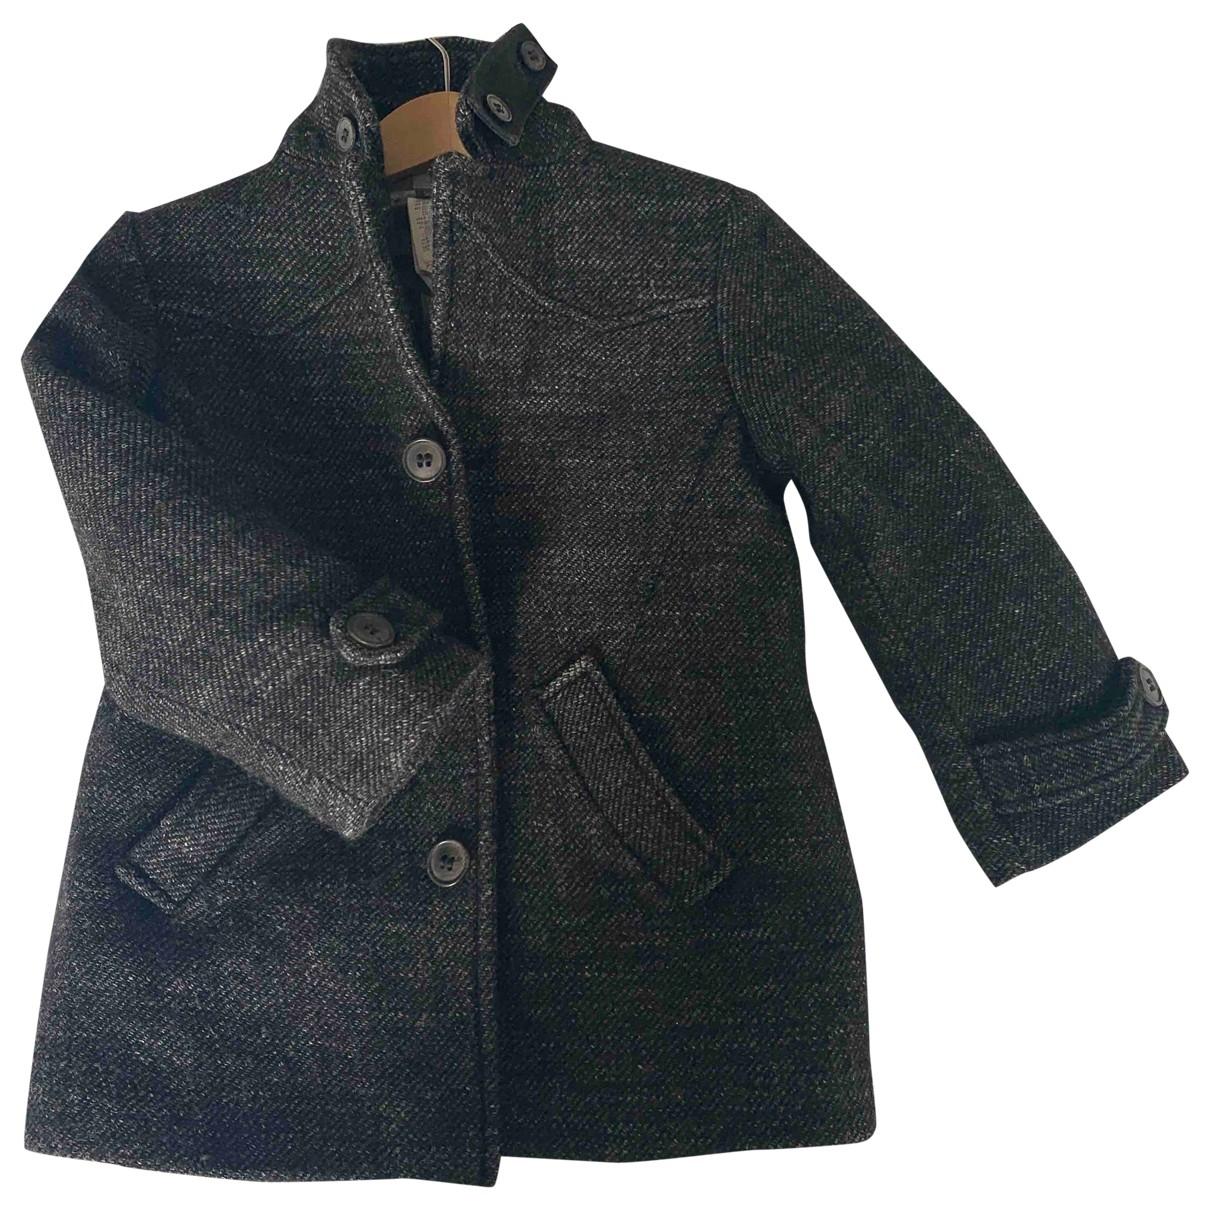 Bonpoint \N Jacke, Maentel in  Grau Wolle